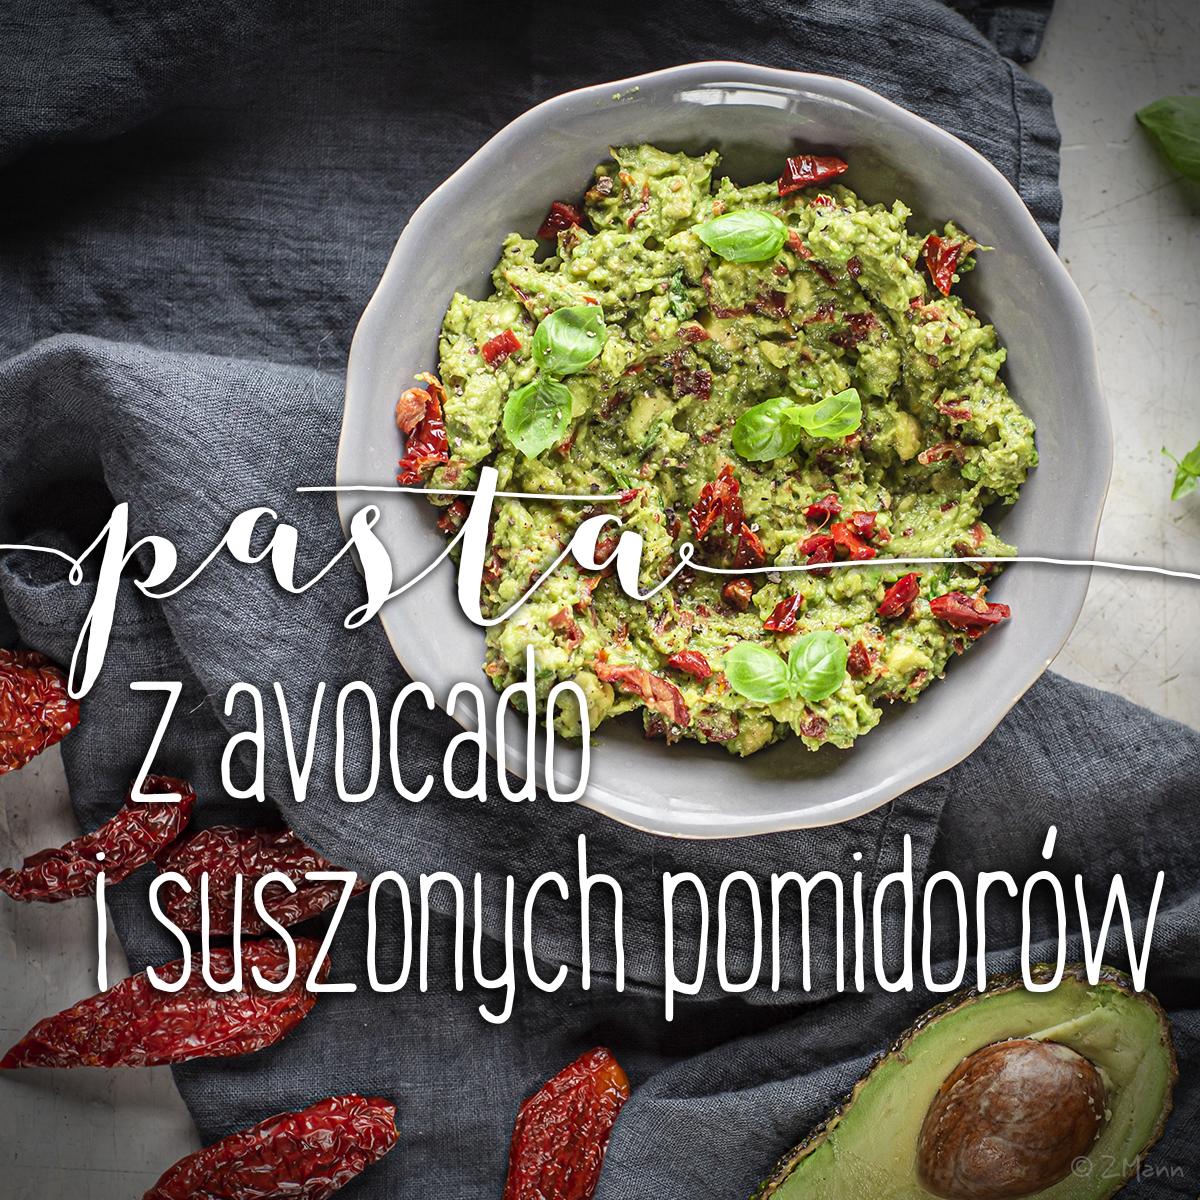 pasta z avocado i suszonych pomidorów